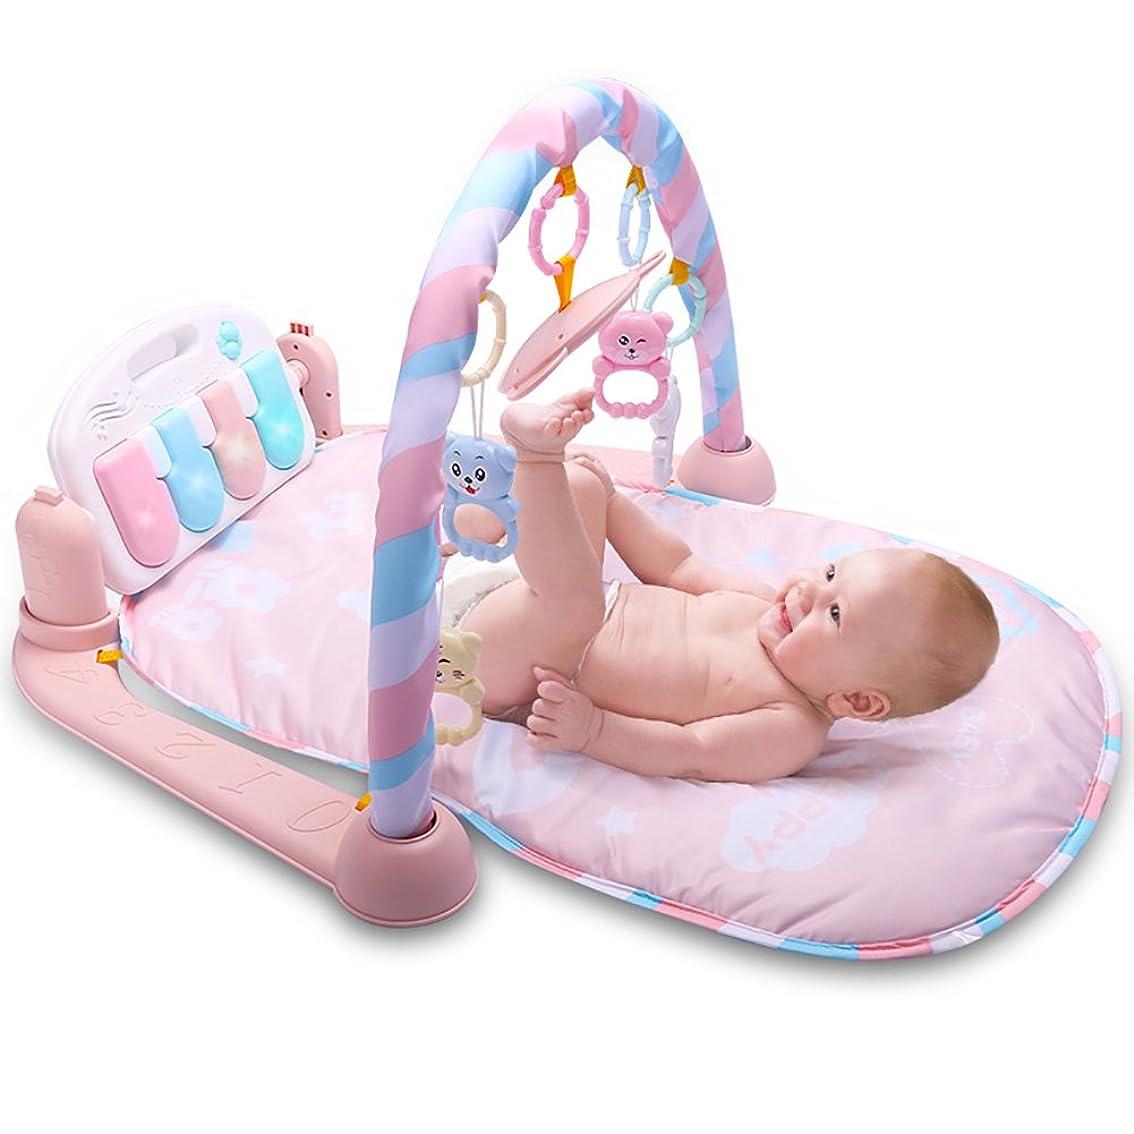 測る妊娠したウォルターカニンガム(Two siyo)ベビージム デラックスジム プレイマット 指遊び 知育 赤ちゃん (ピンク)